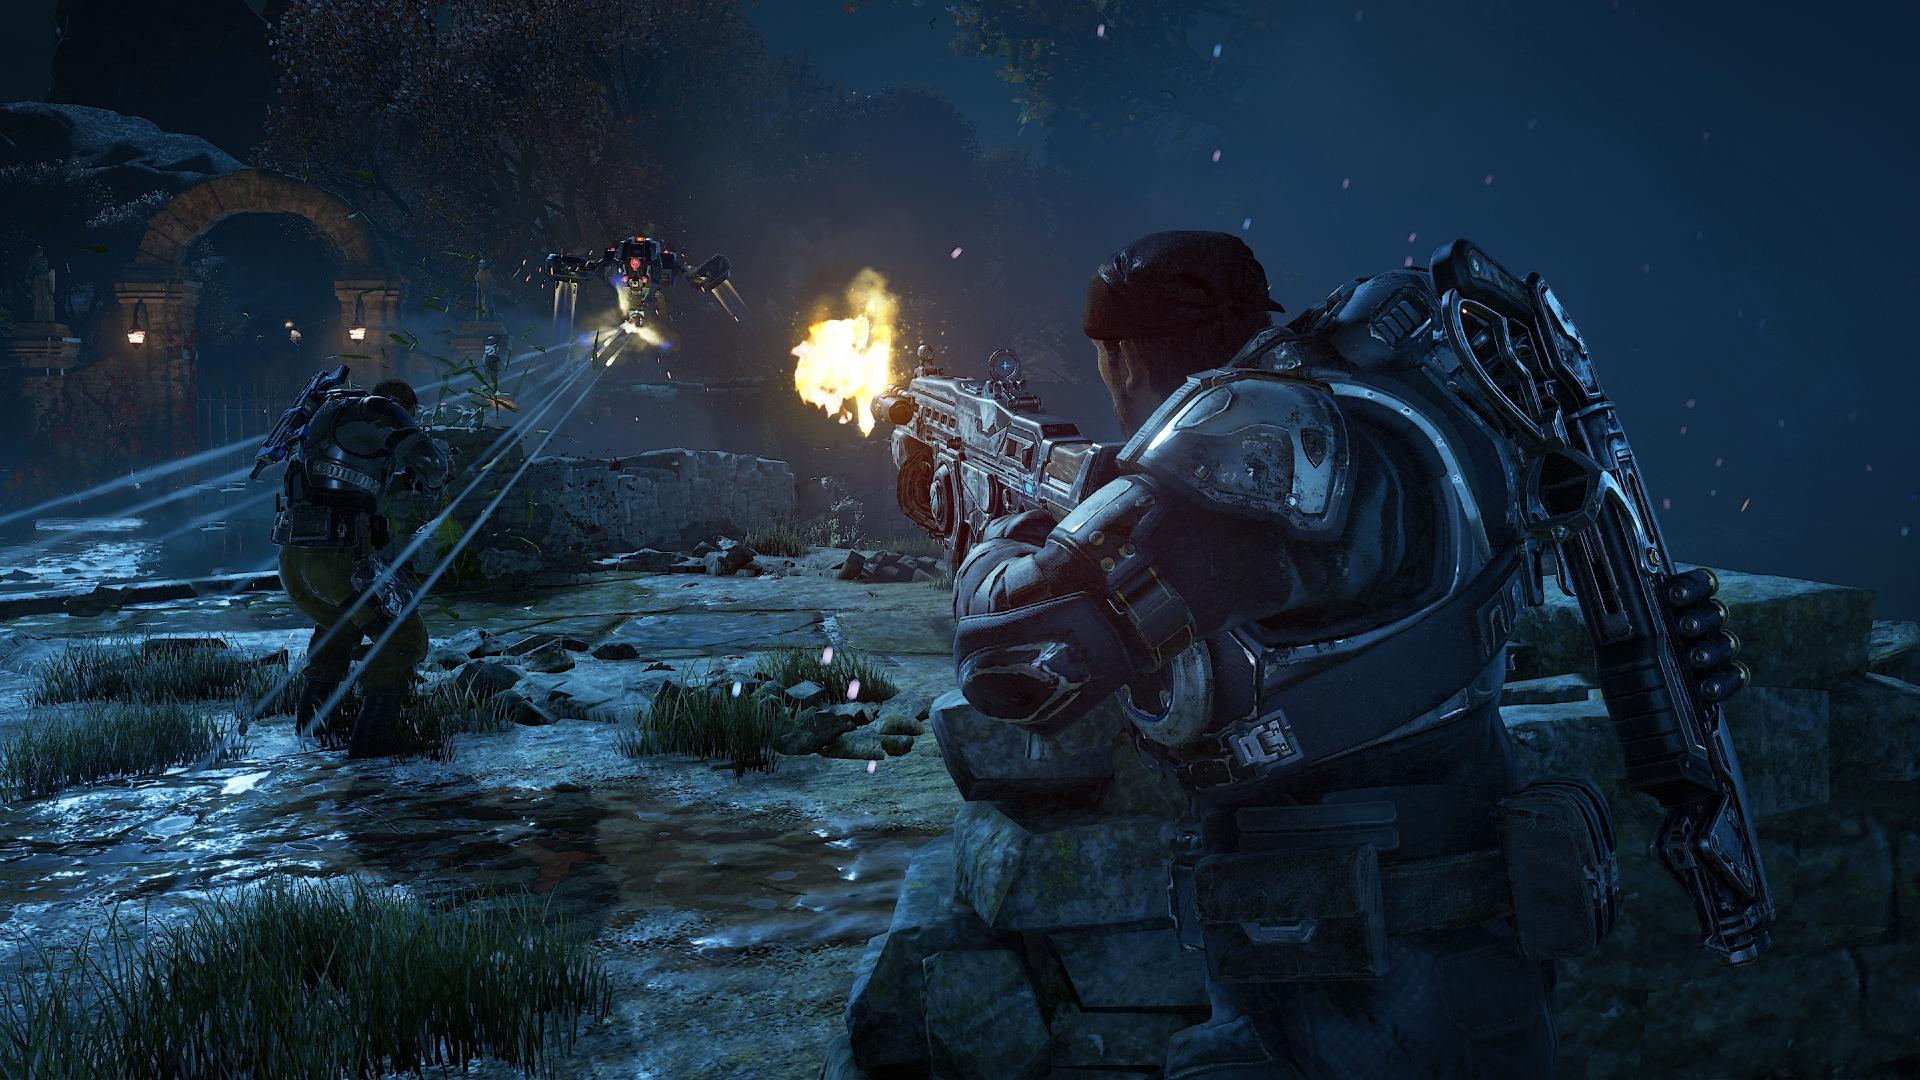 gears-of-war-4-screenshot-5.jpg